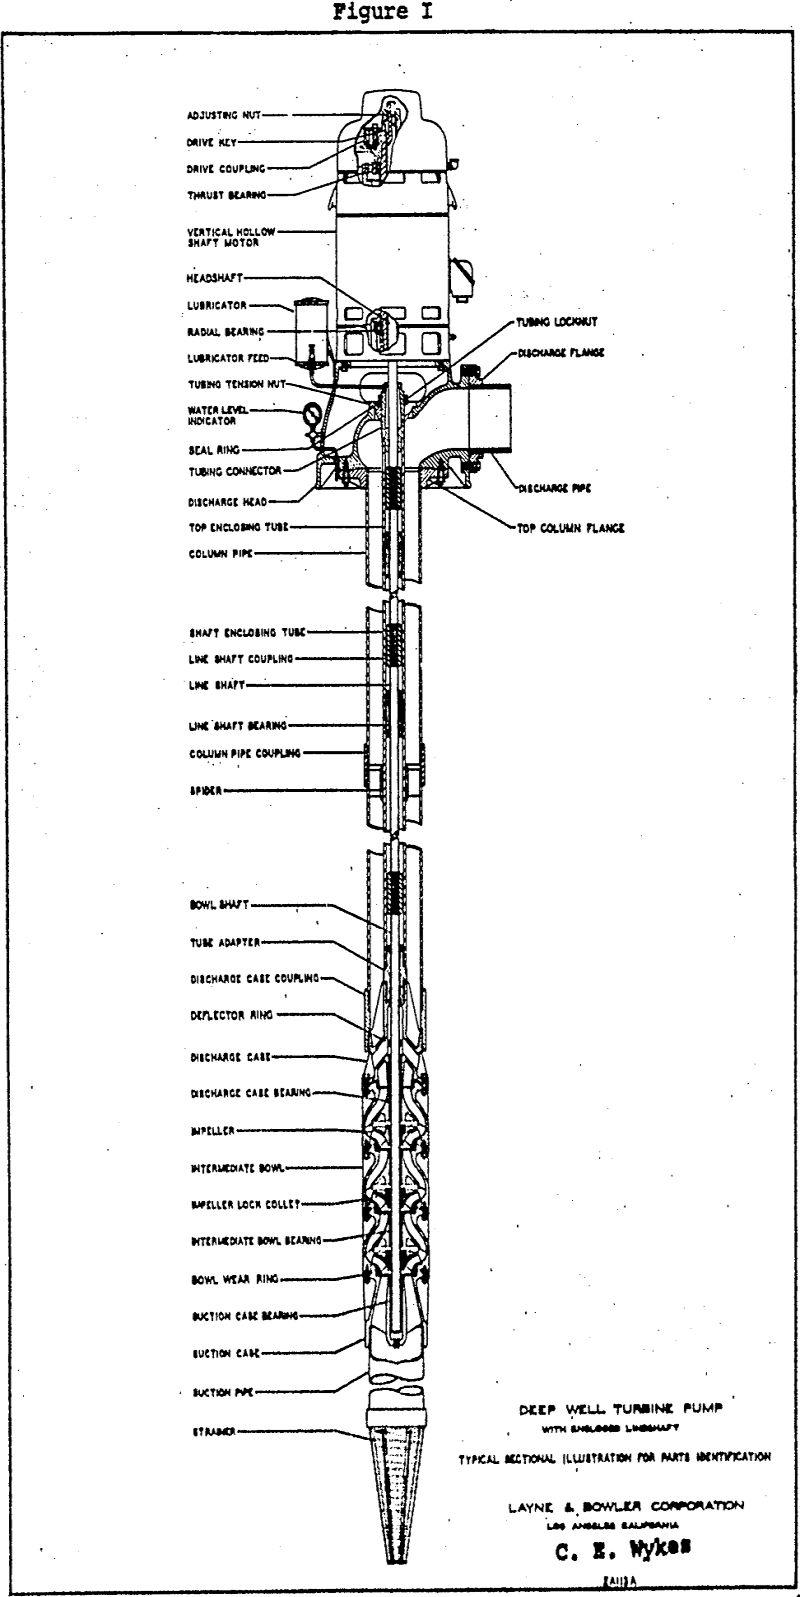 turbine-pumps illustrations